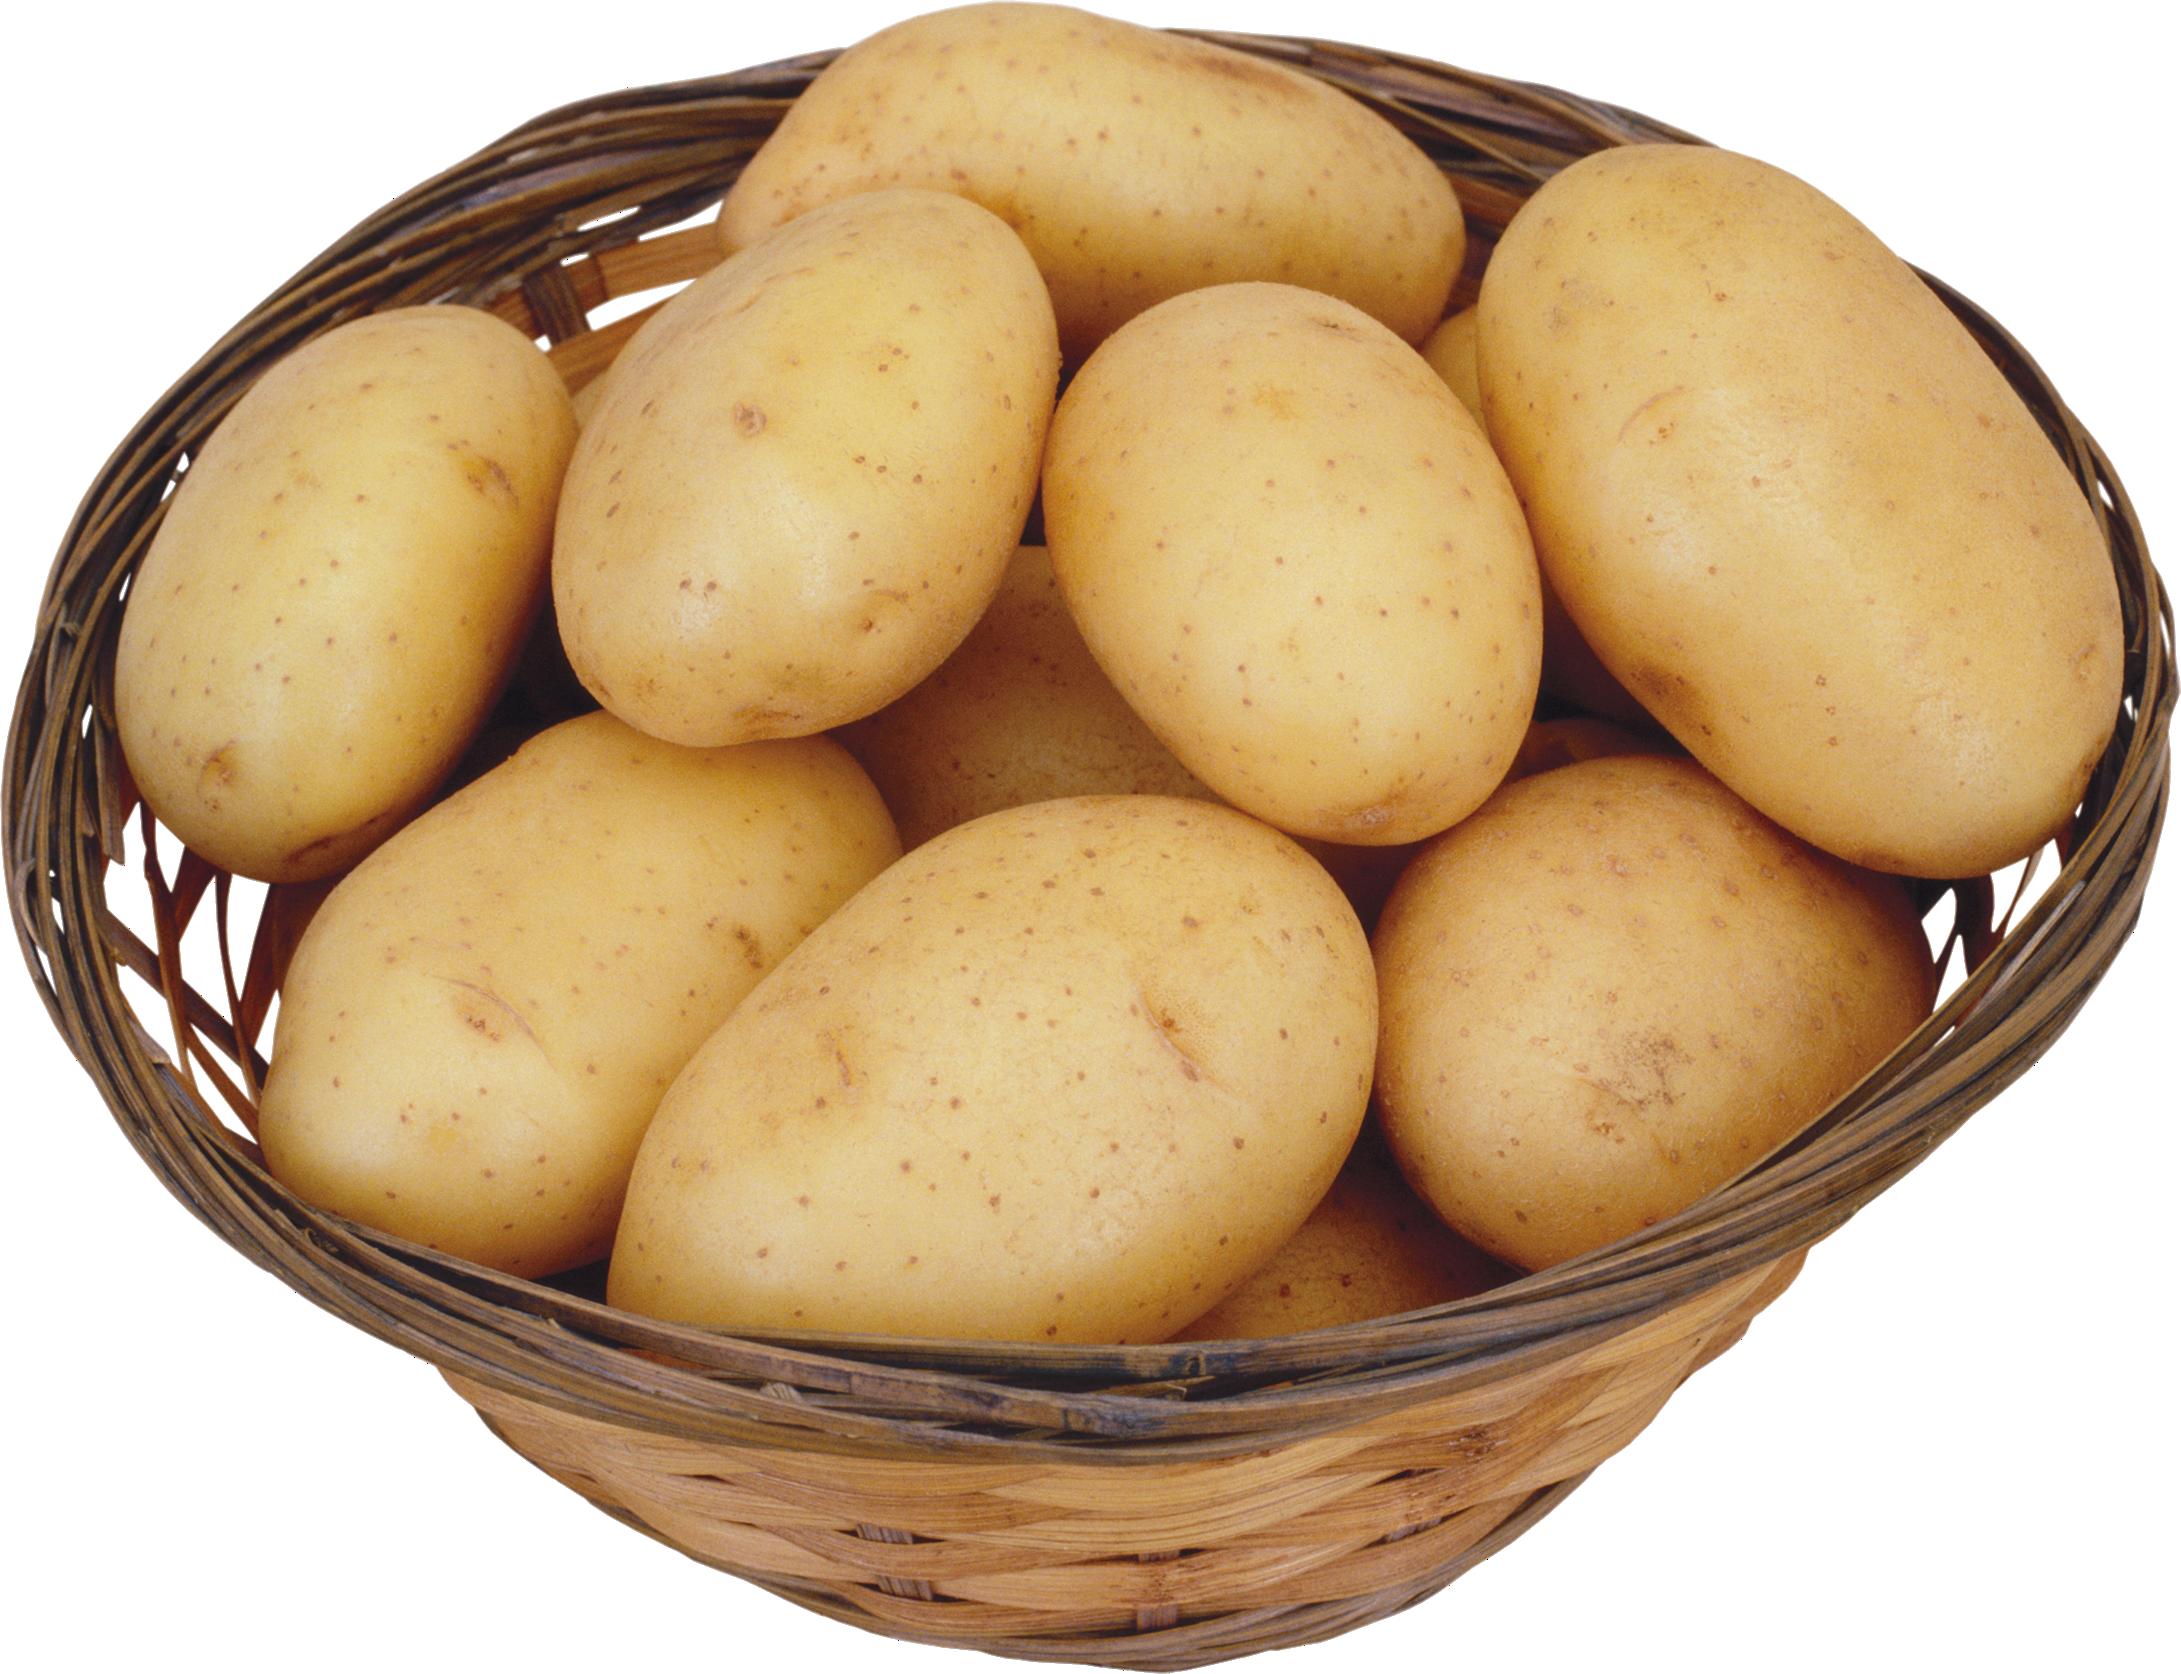 Potato clipart images 2